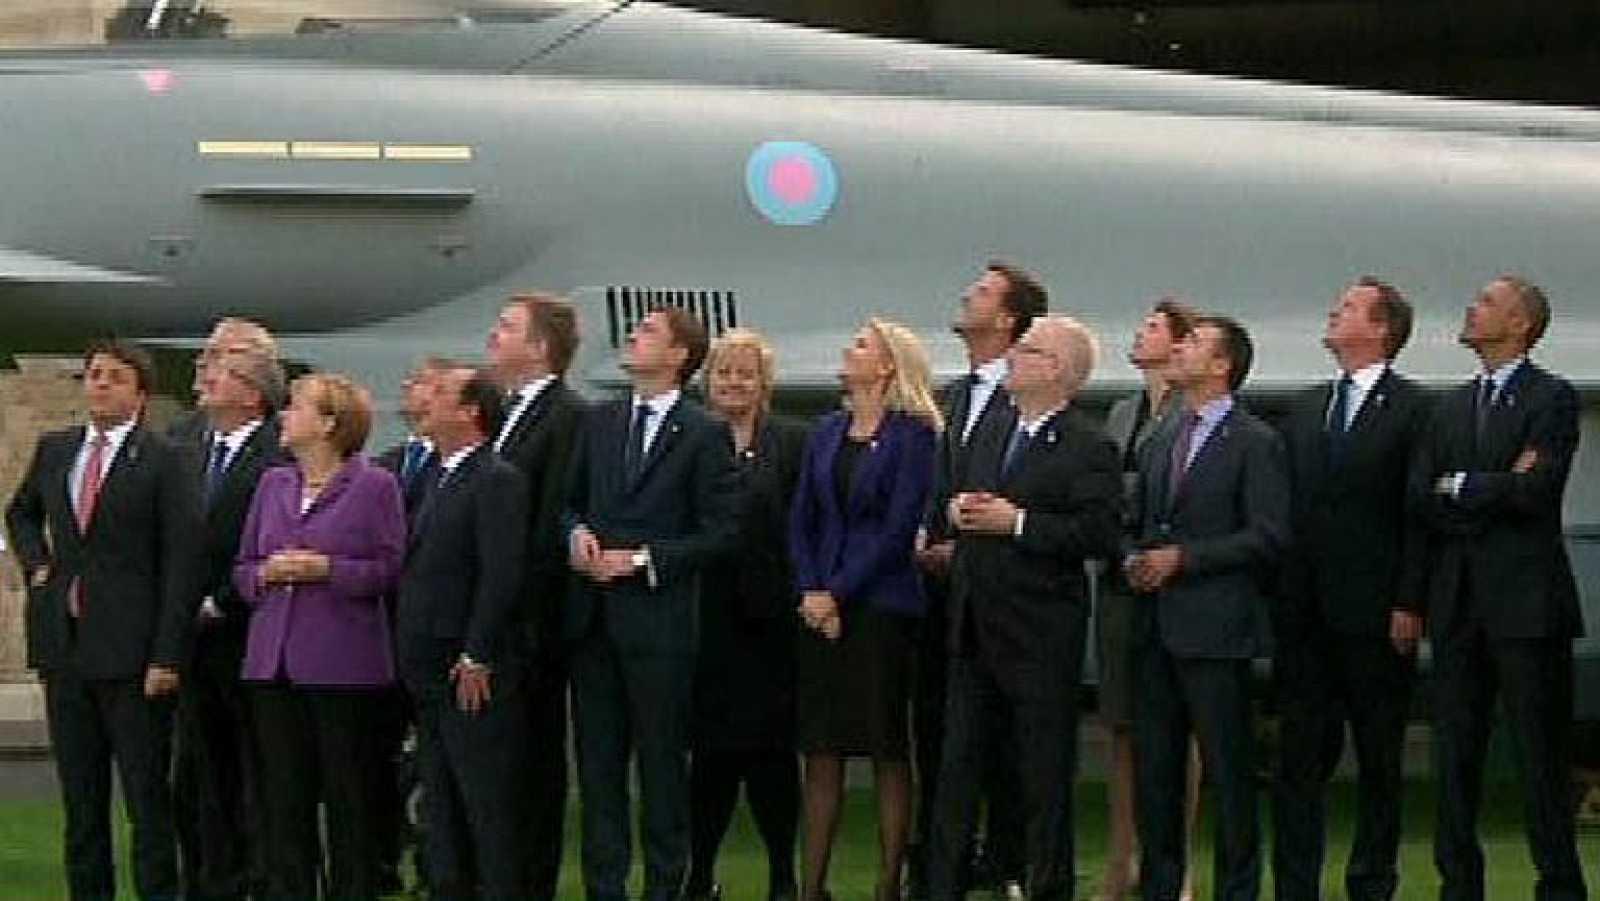 Comienza la segunda jornada de la cumbre de la OTAN en Gales